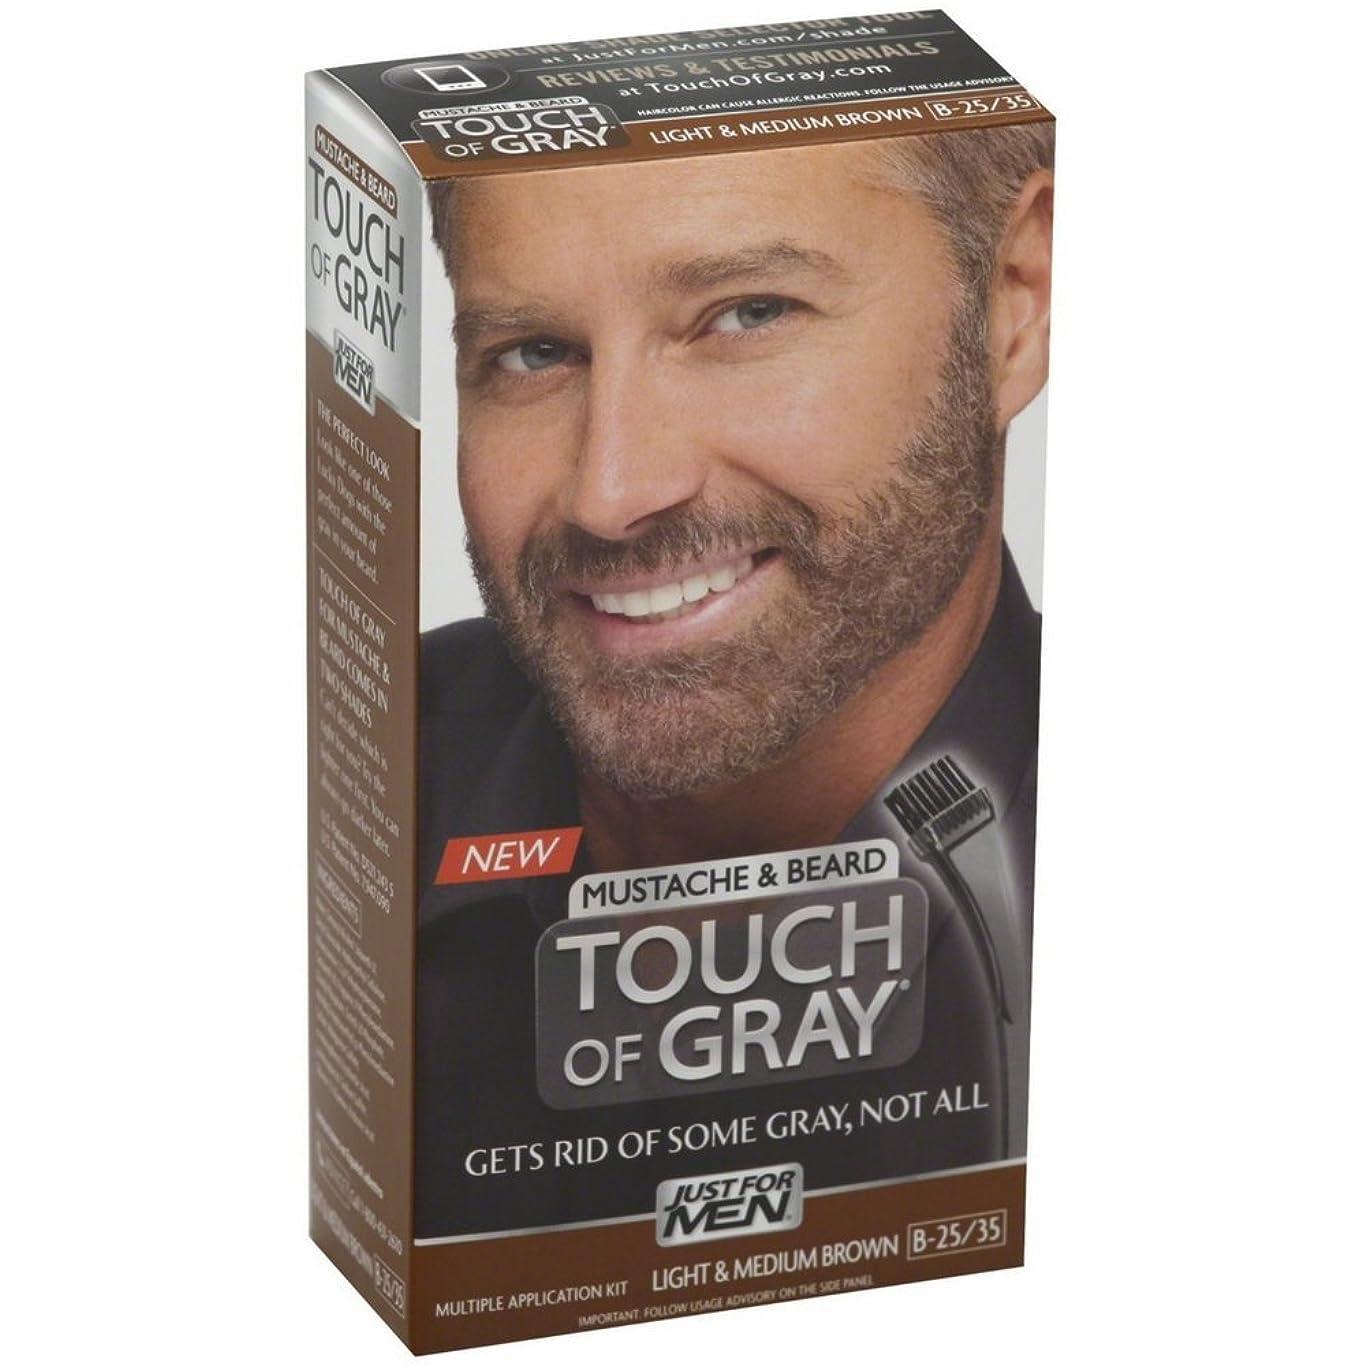 オーストラリア人販売計画タイトルJust for Men グレー髪の色、口ひげ&ビアードキット、ライト&ミディアムブラウンB-35分の25、1 Eaは(5パック)の感触 5パック